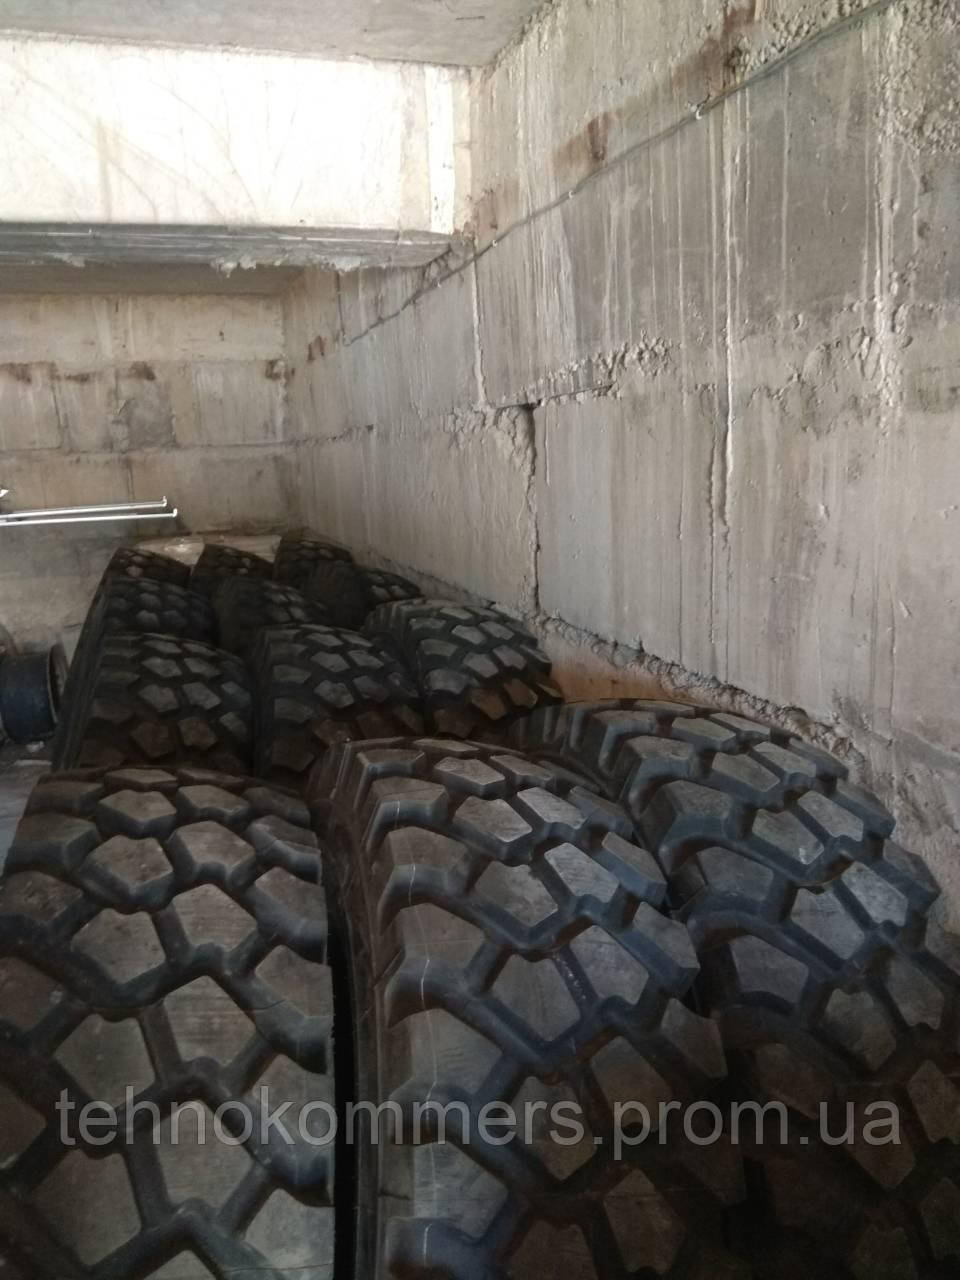 16.00 R20 Michelin XZL Michelin шина